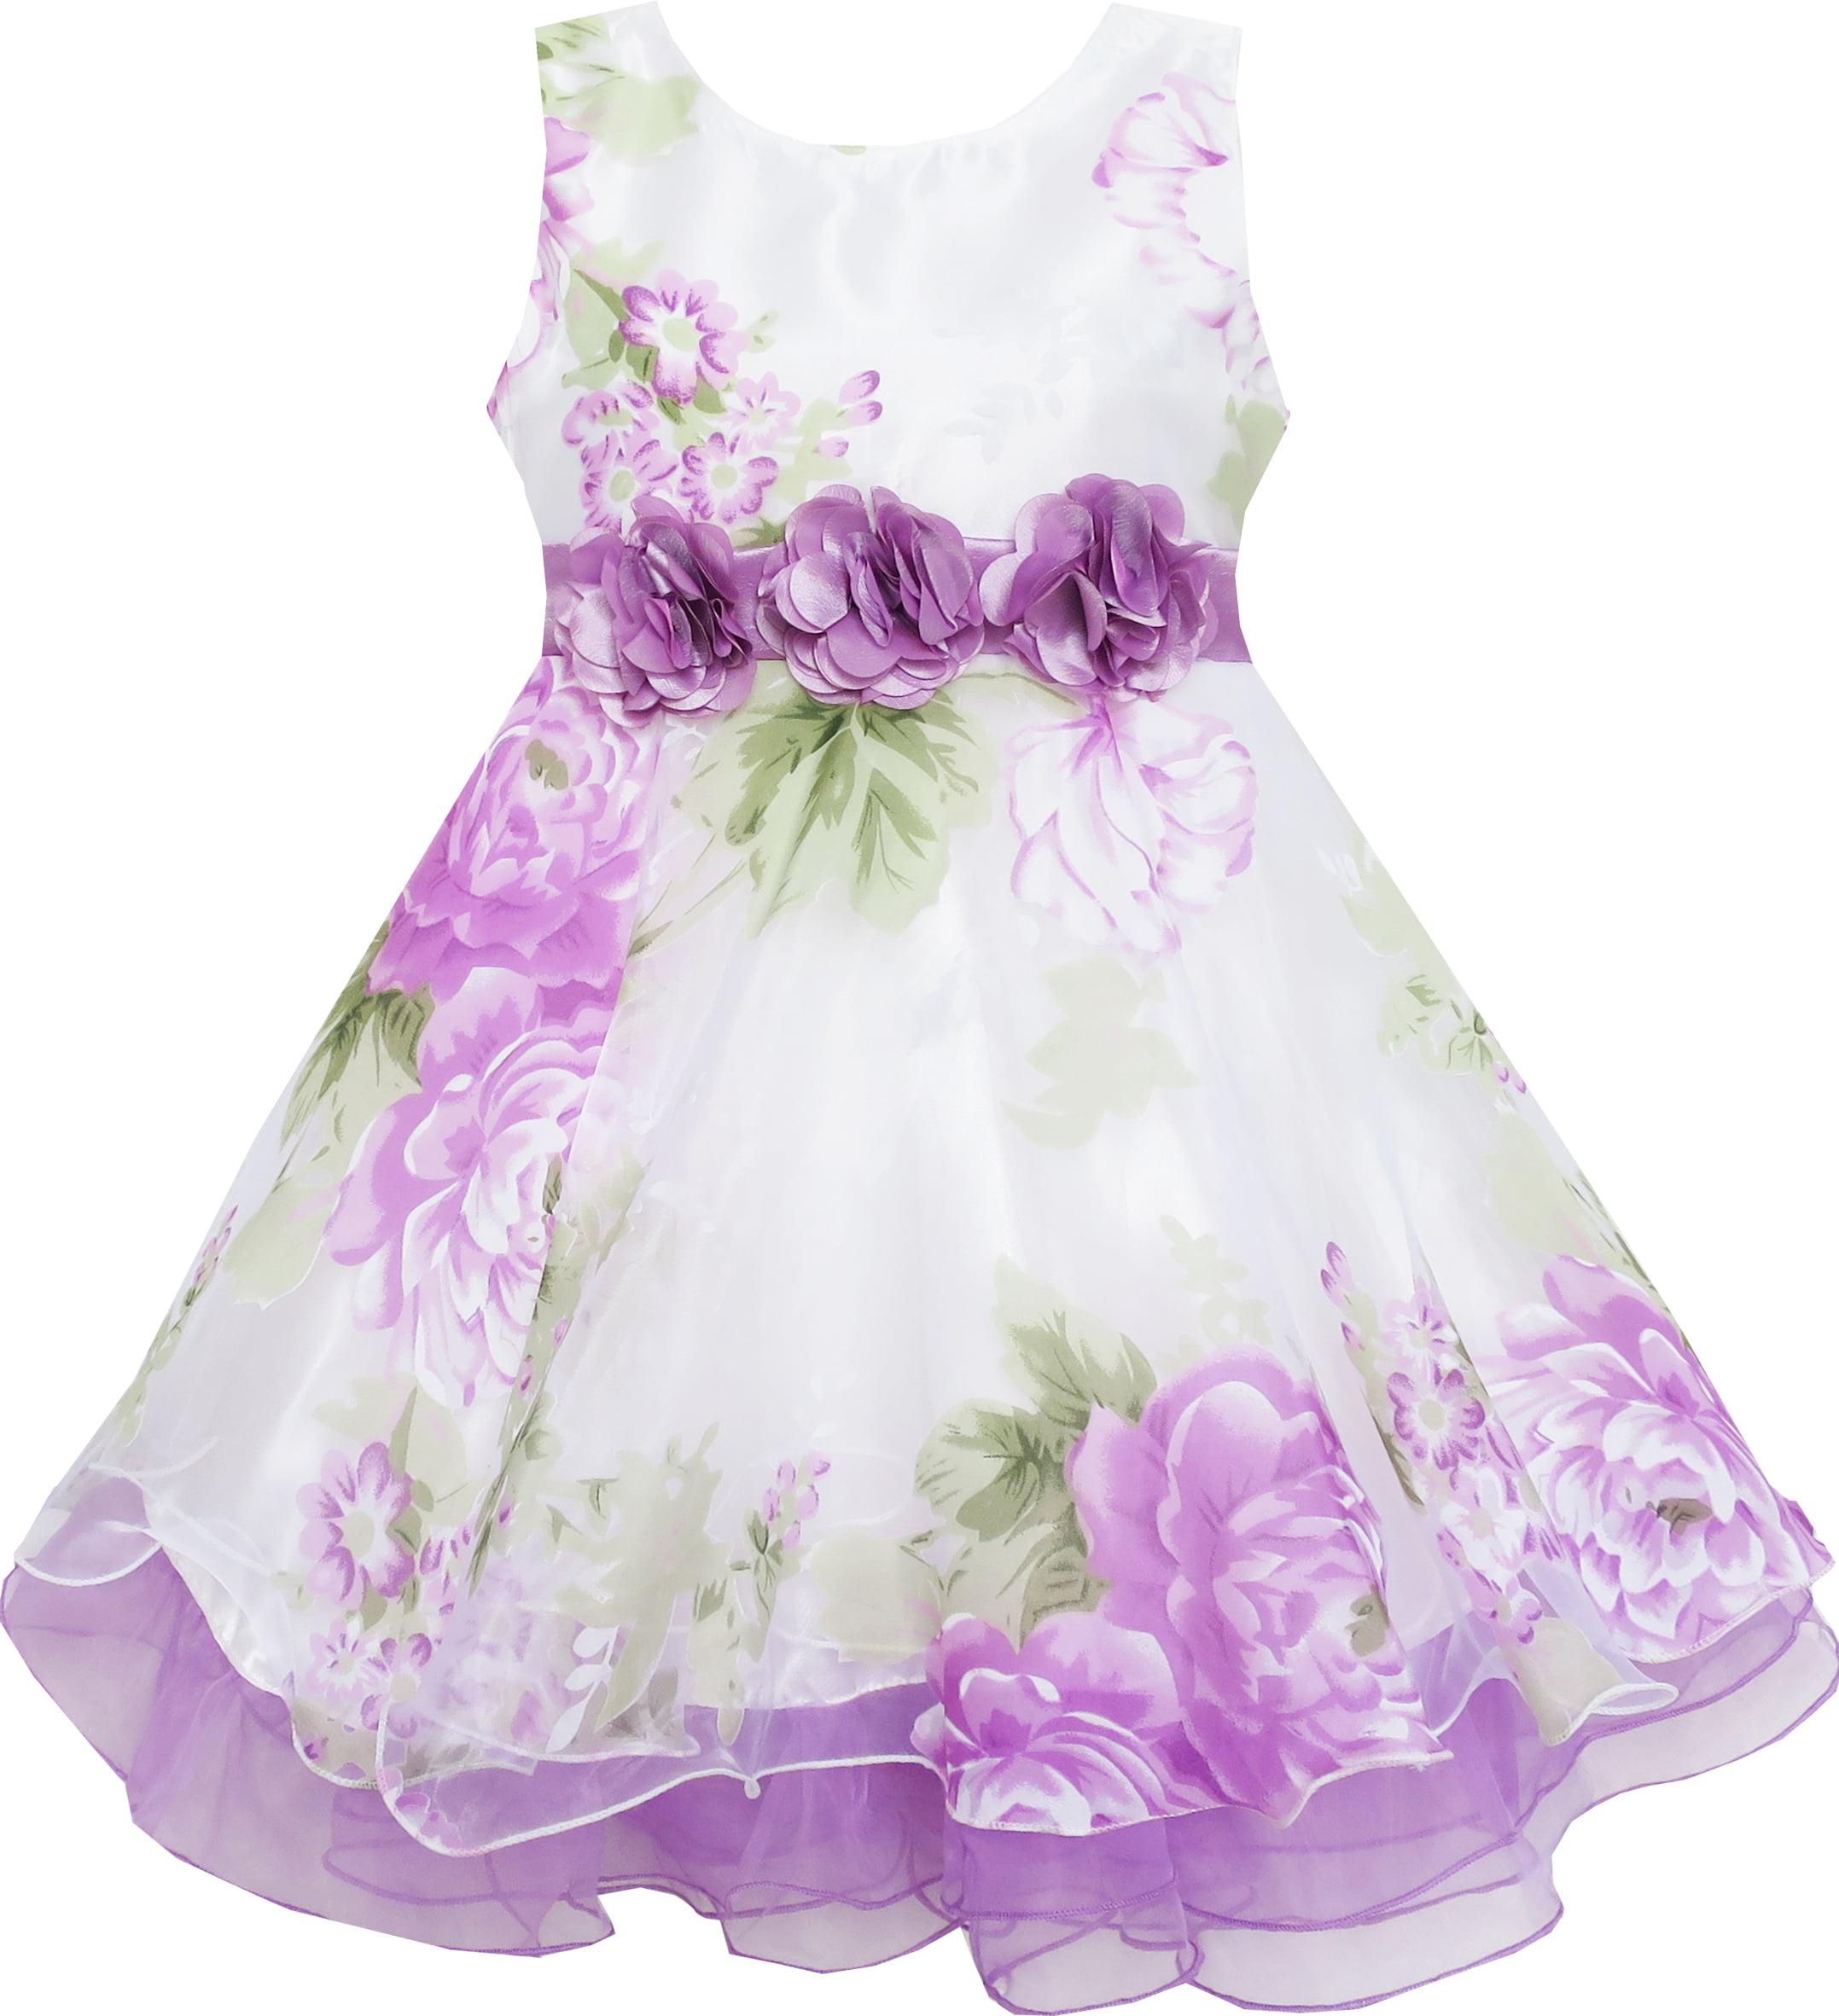 Fashionable flower girl dresses 19